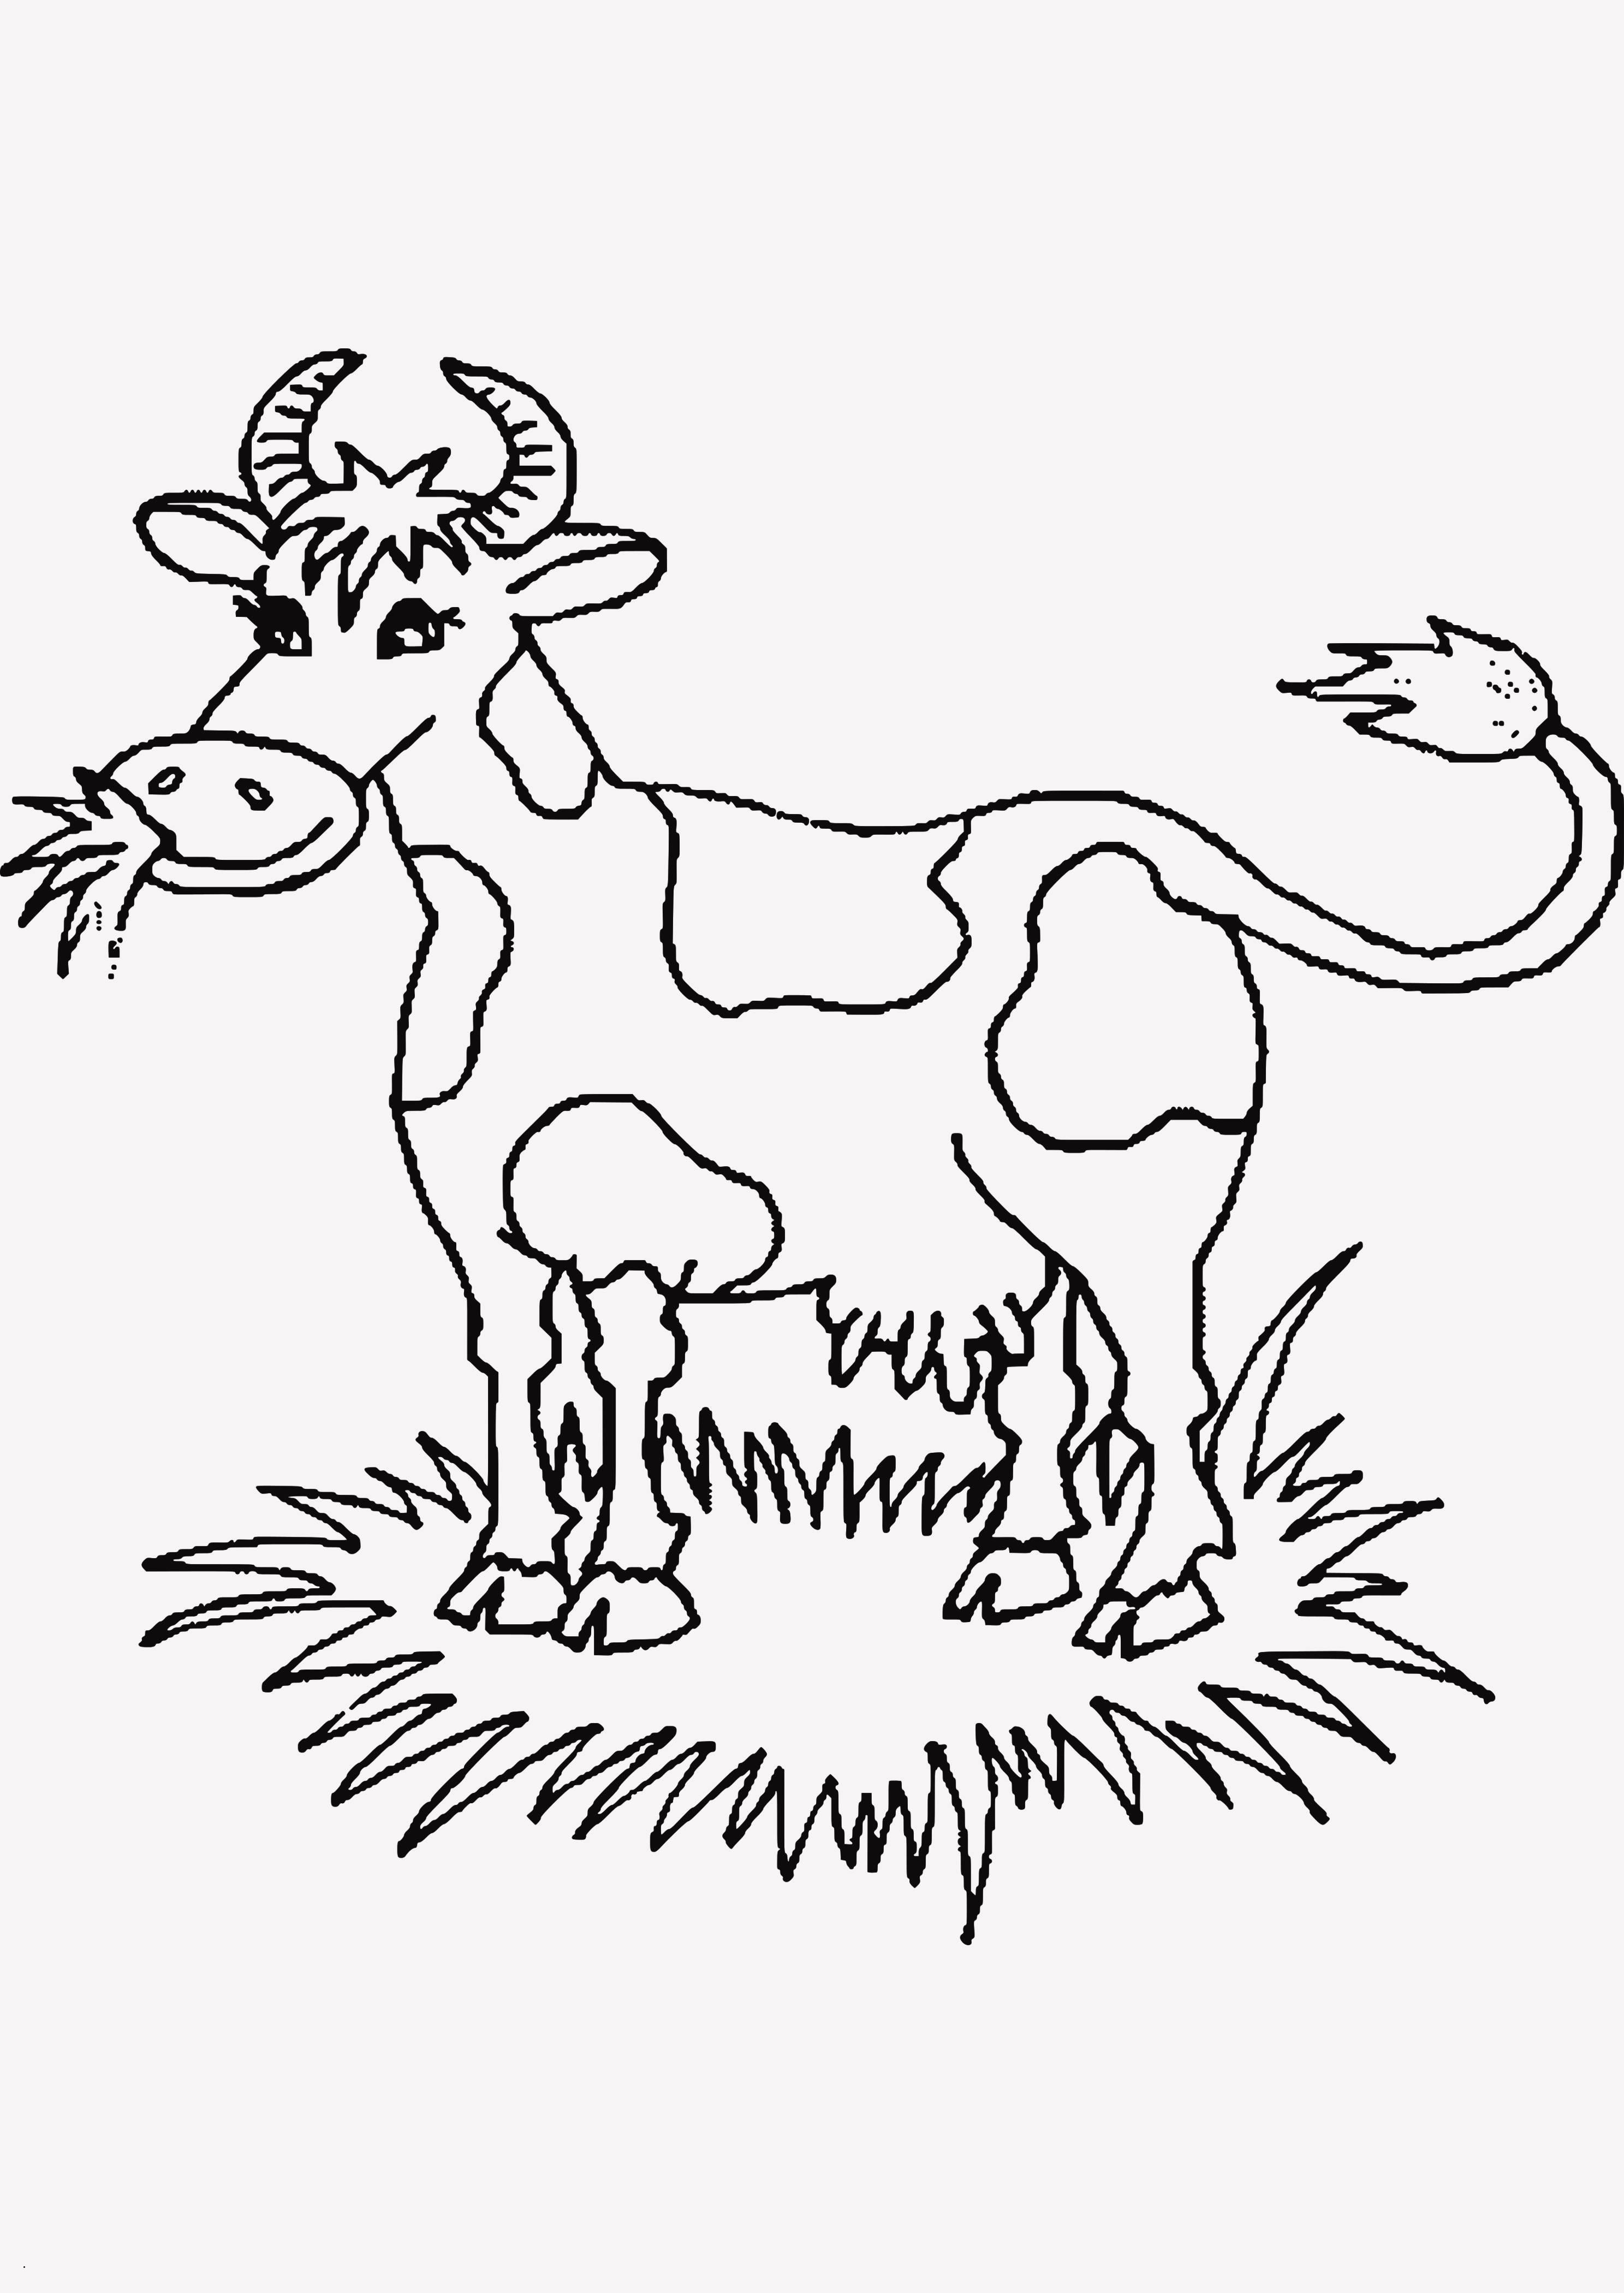 Hase Zum Ausdrucken Neu 36 Skizze Hasen Malvorlagen Zum Ausdrucken Treehouse Nyc Bilder